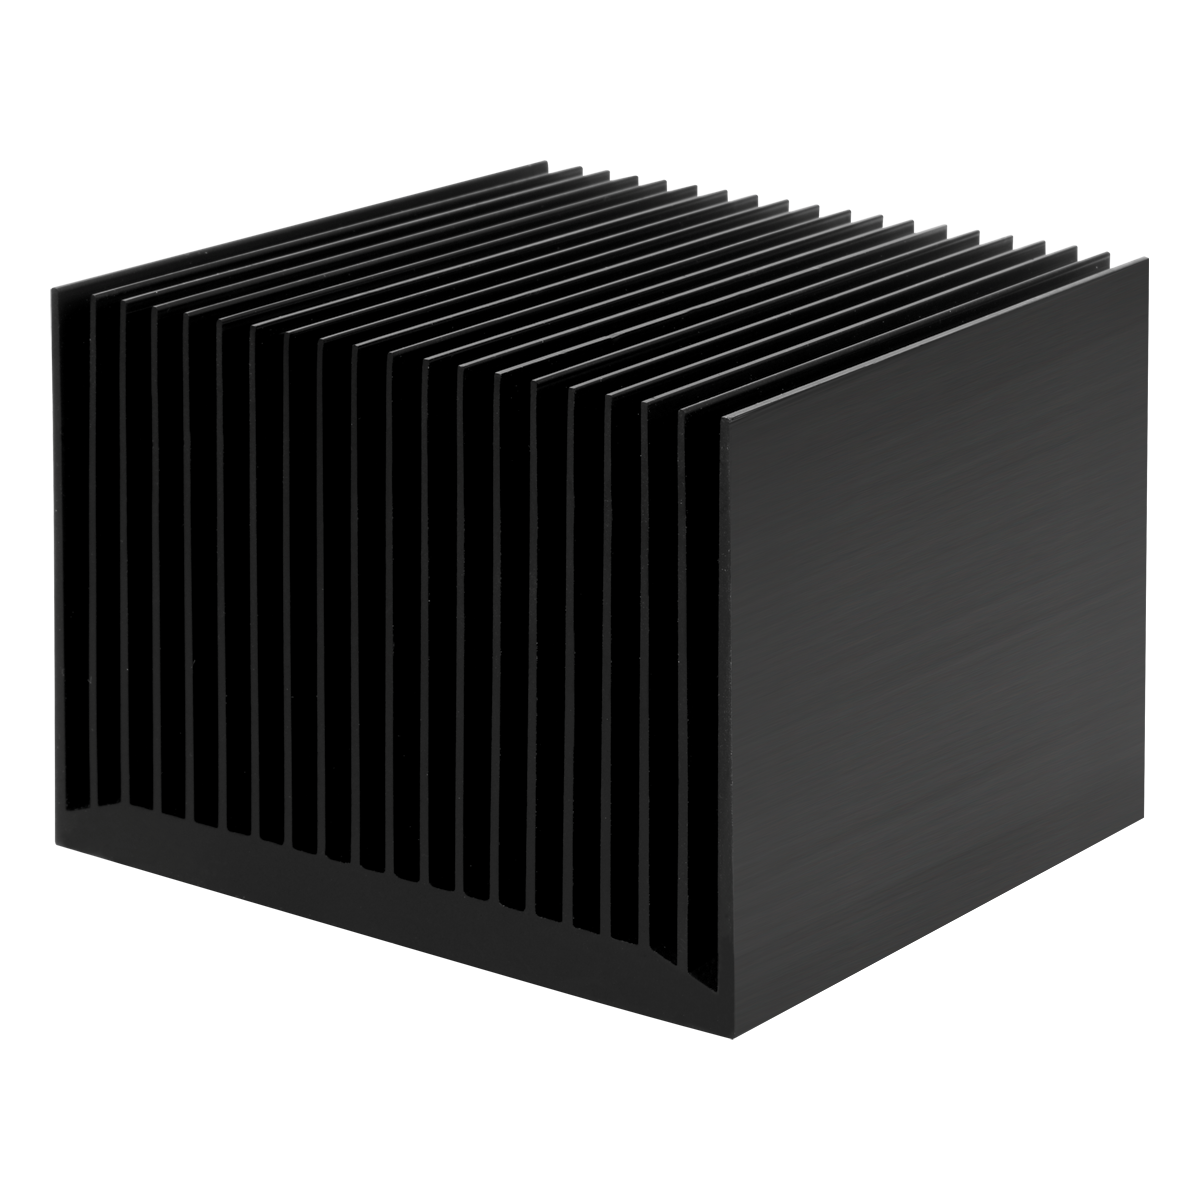 Passiver CPU-Kühler für Intel CPU ARCTIC 12 Passive